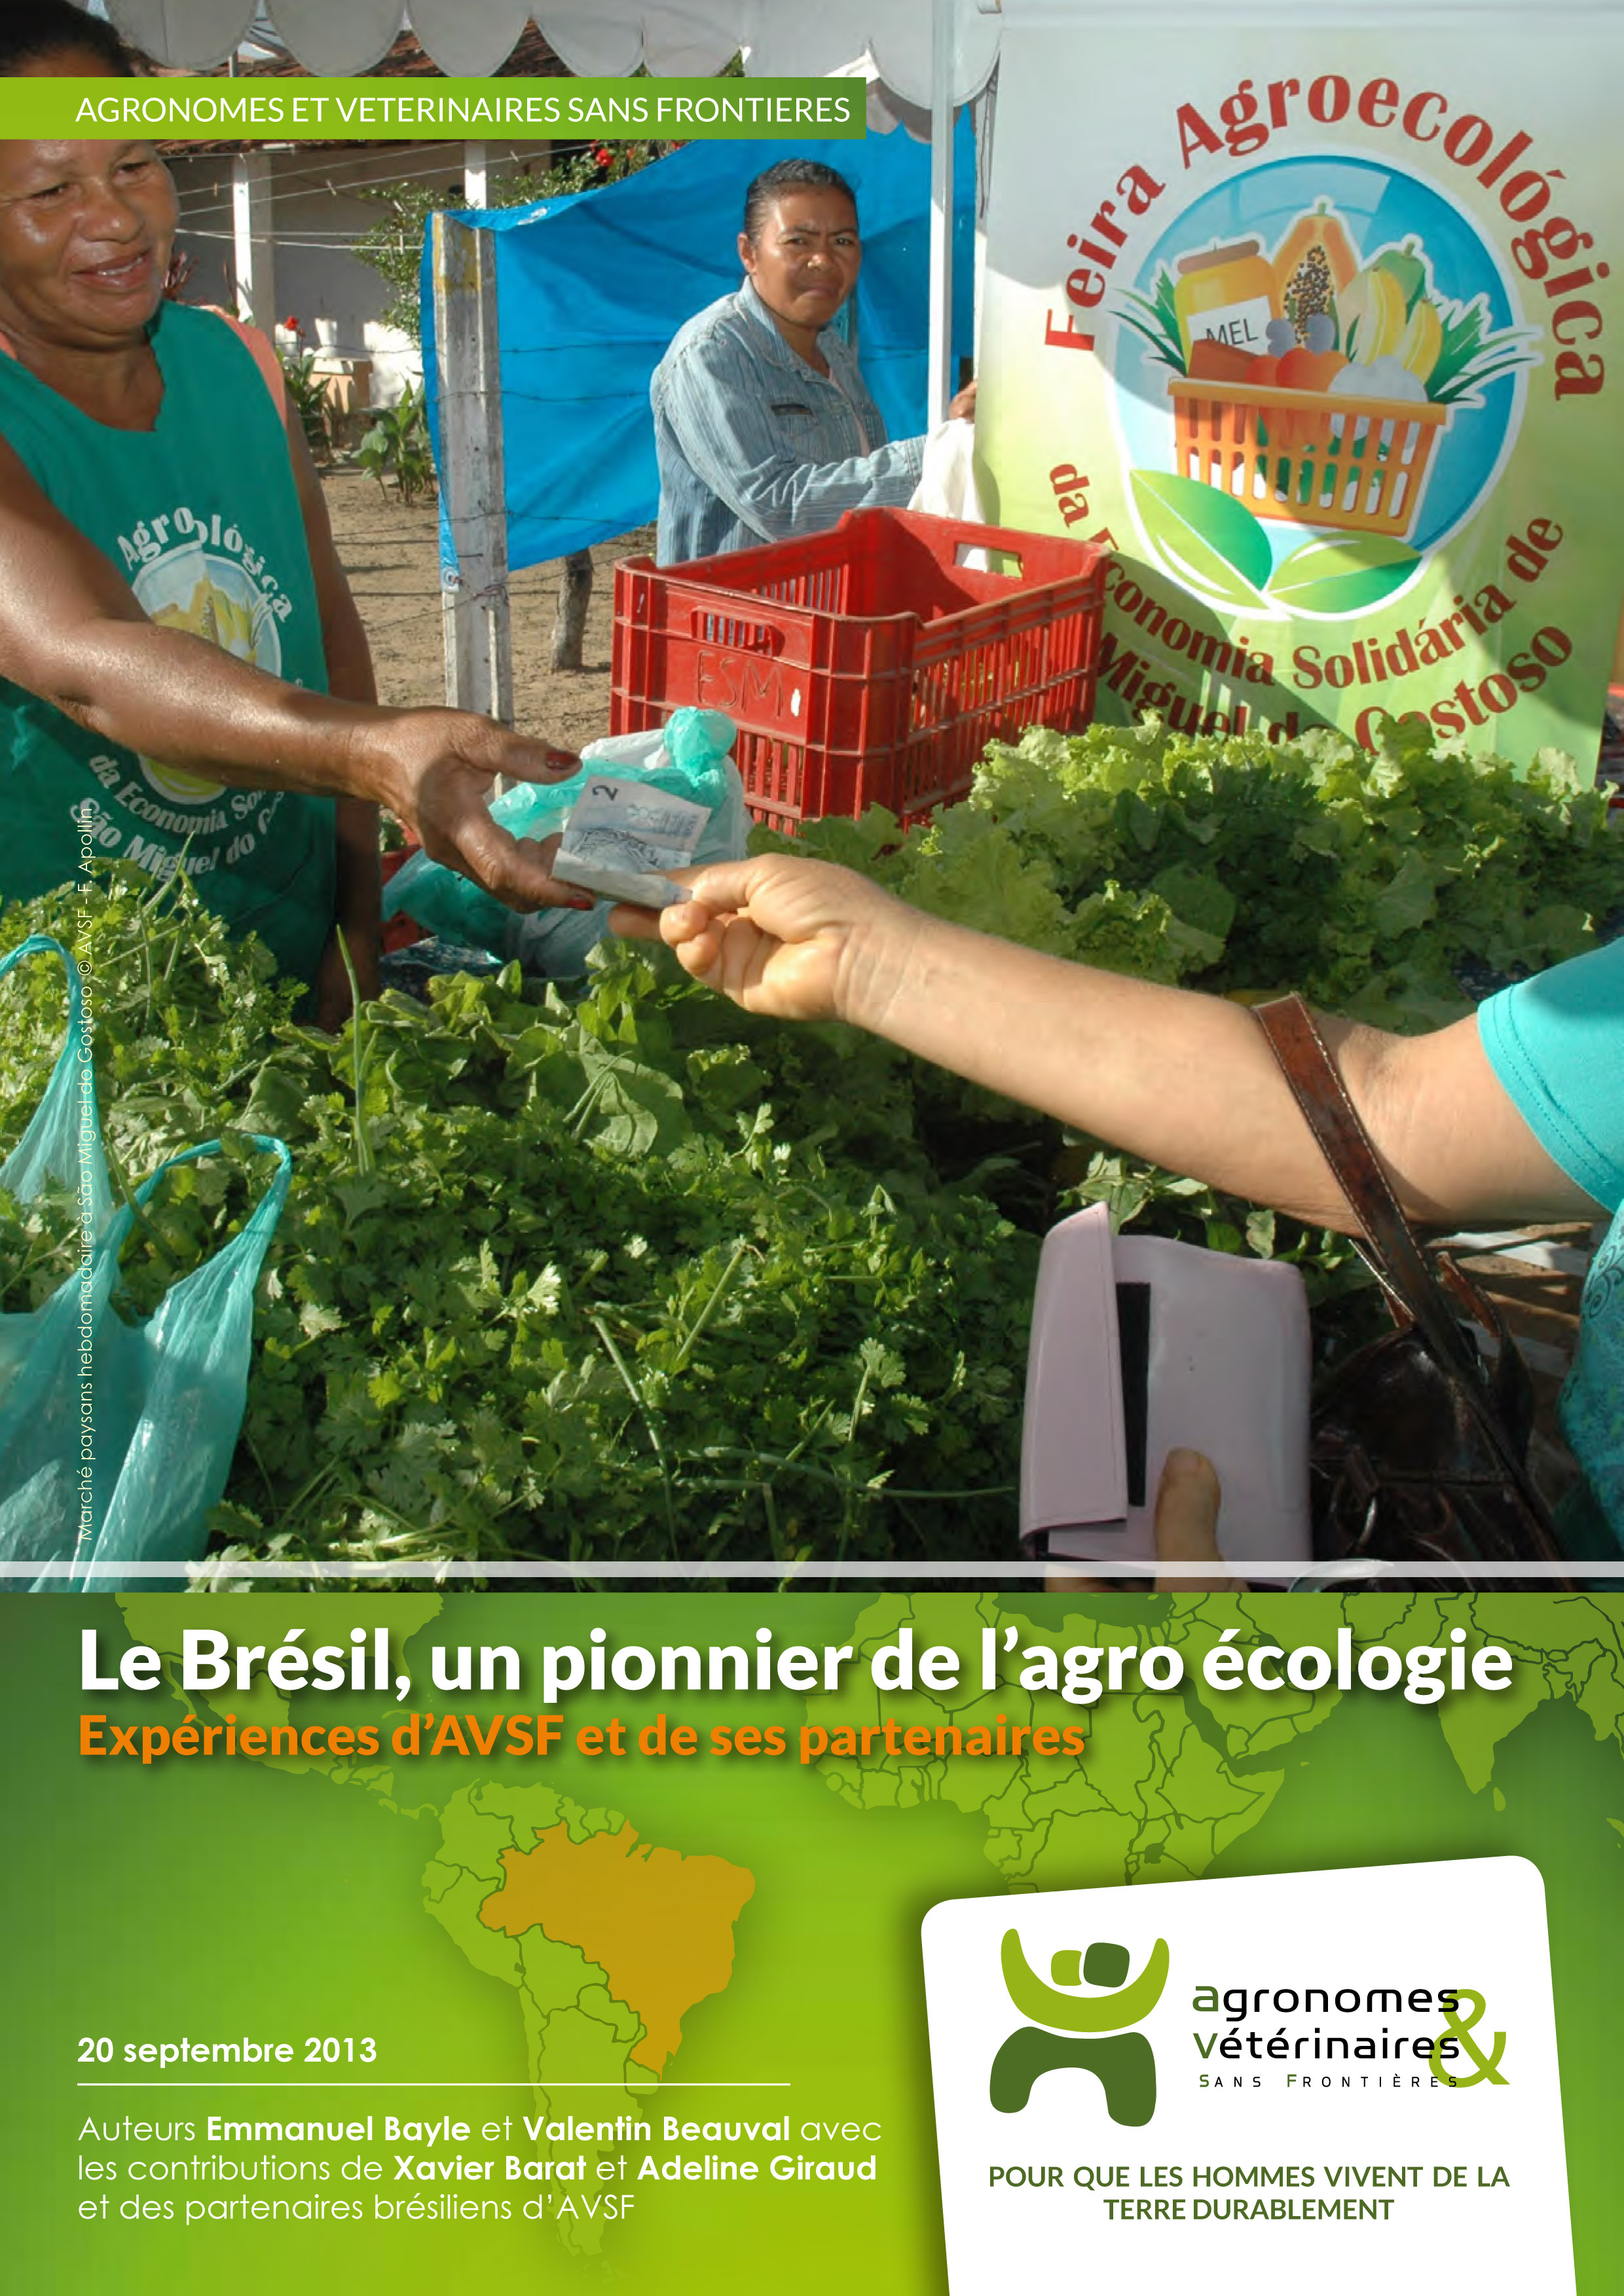 Le Brésil, un pionnier de l'agroécologie : expériences d'AVSF et de ses partenaires Image principale